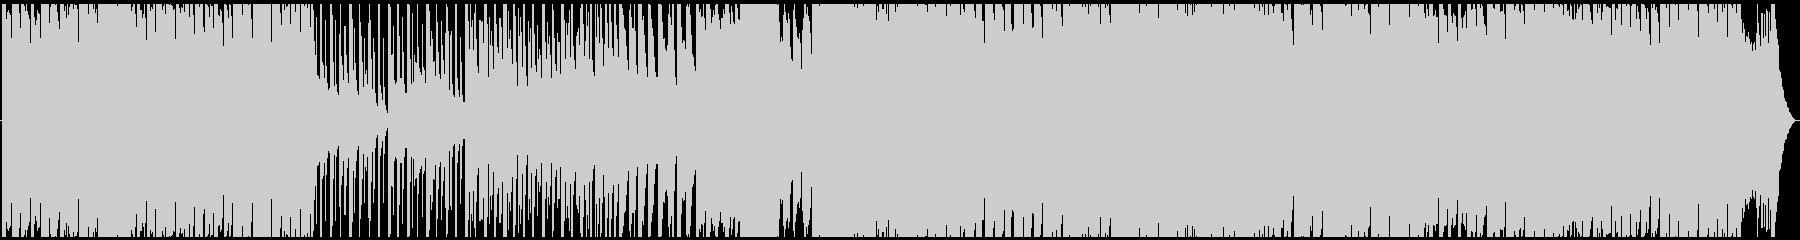 大円団をイメージしたポップなBGMの未再生の波形